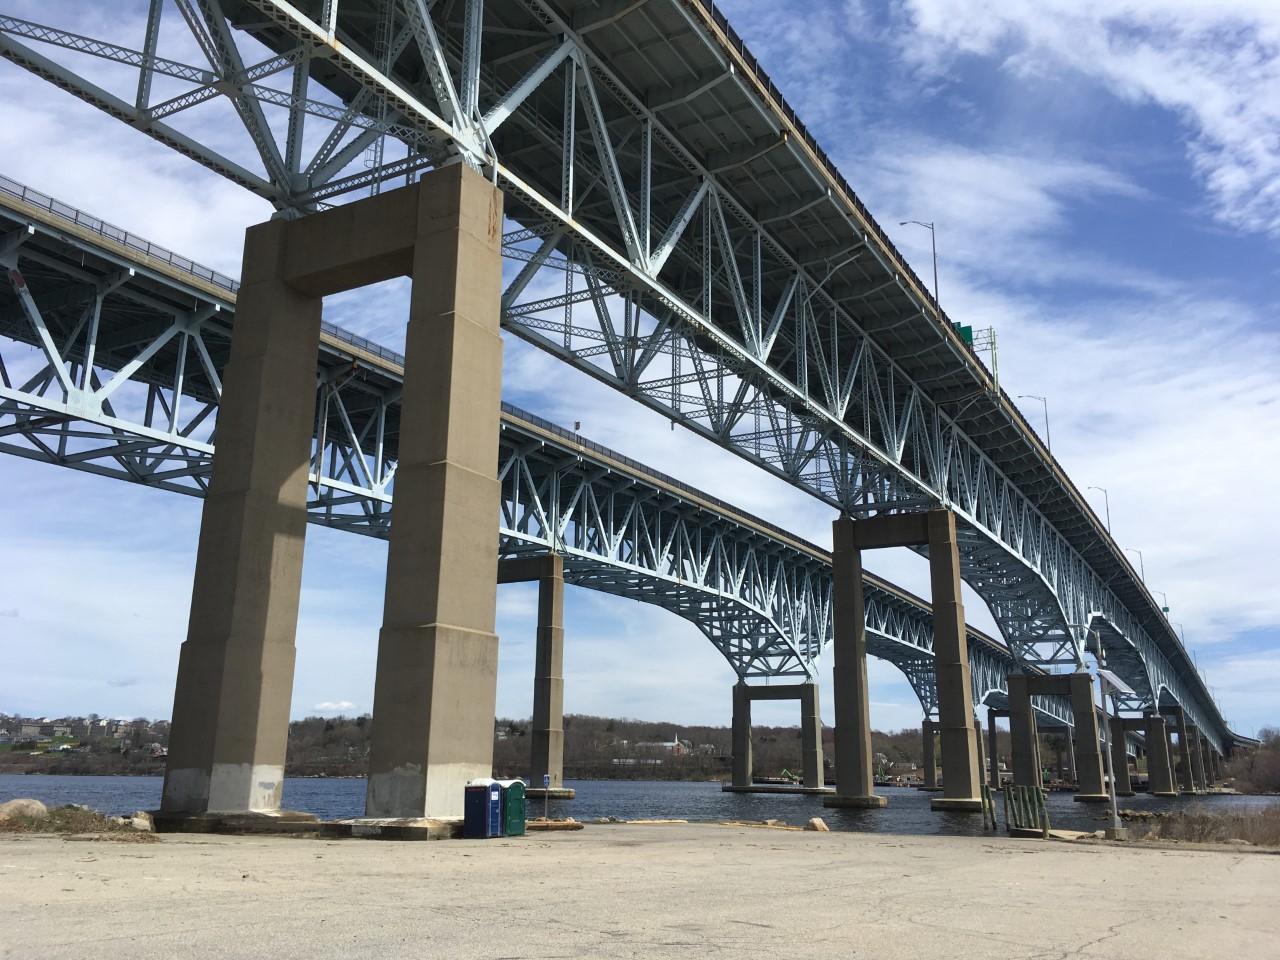 gold star memorial bridge repairs begin 1_435345